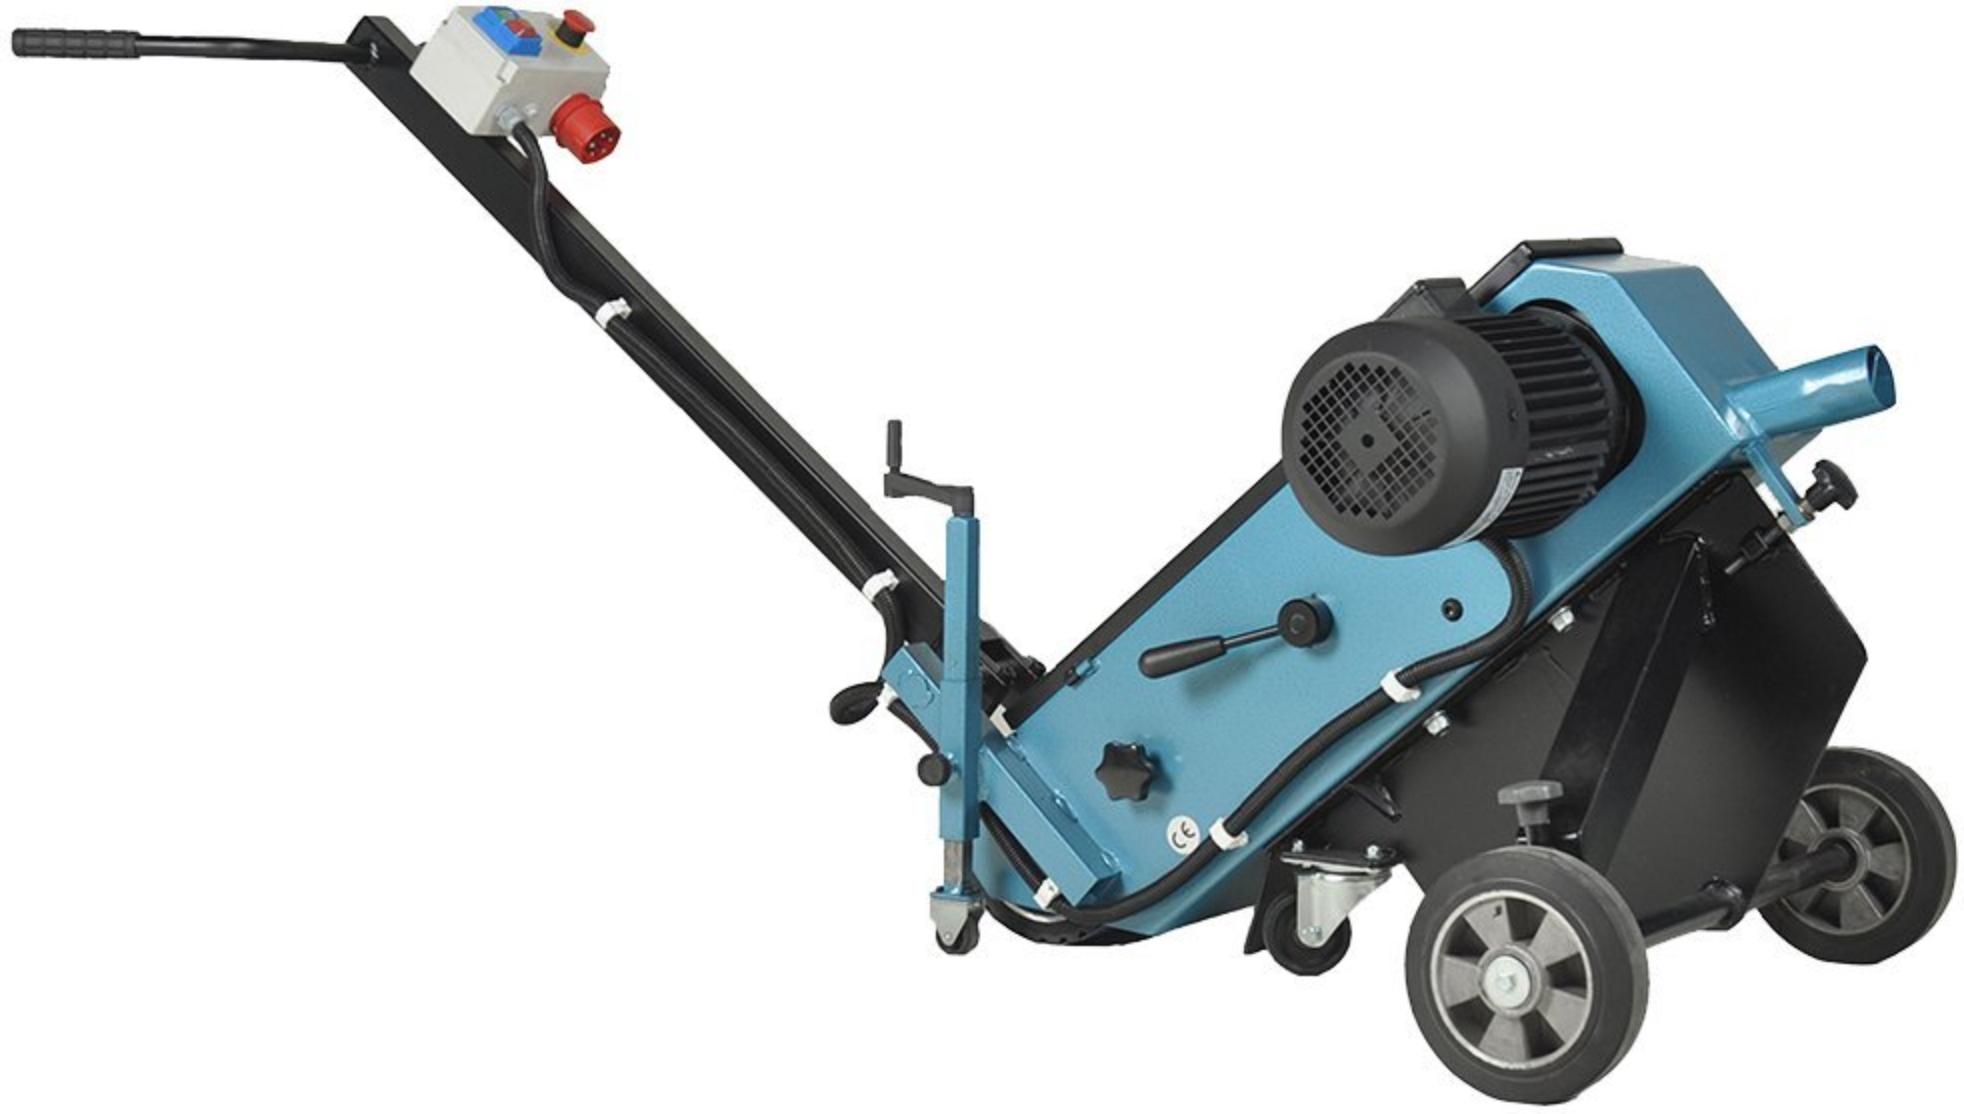 Szlifierka taśmowa Scantool 150FG do szlifowania spoin i spawów w posadzkach - 5,6 kW